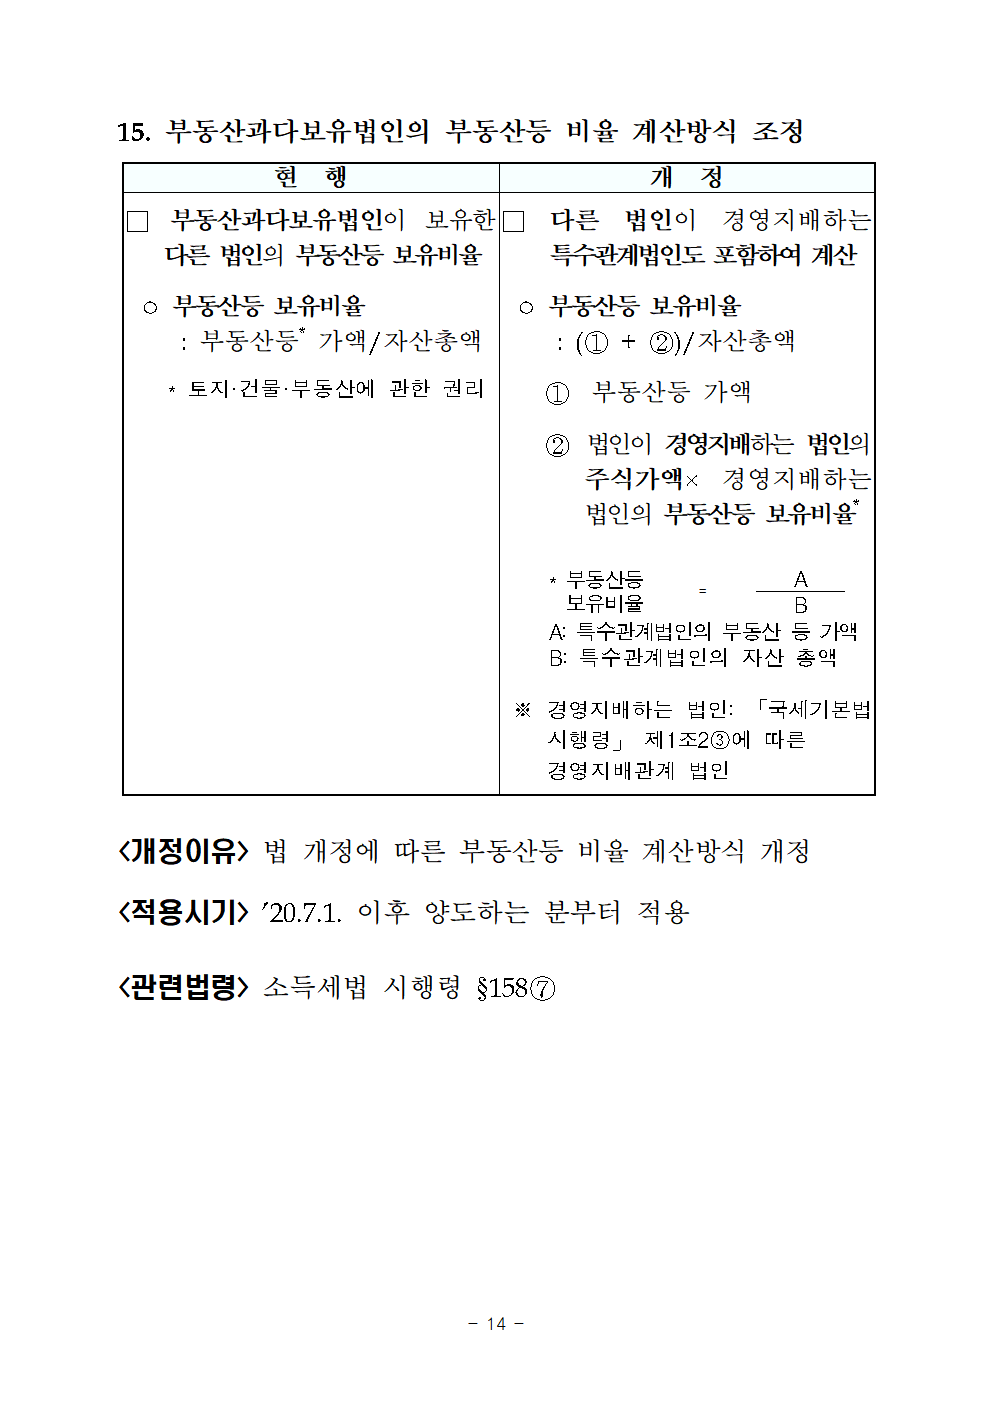 2019년세법개정내용(양도소득세분야)019.png